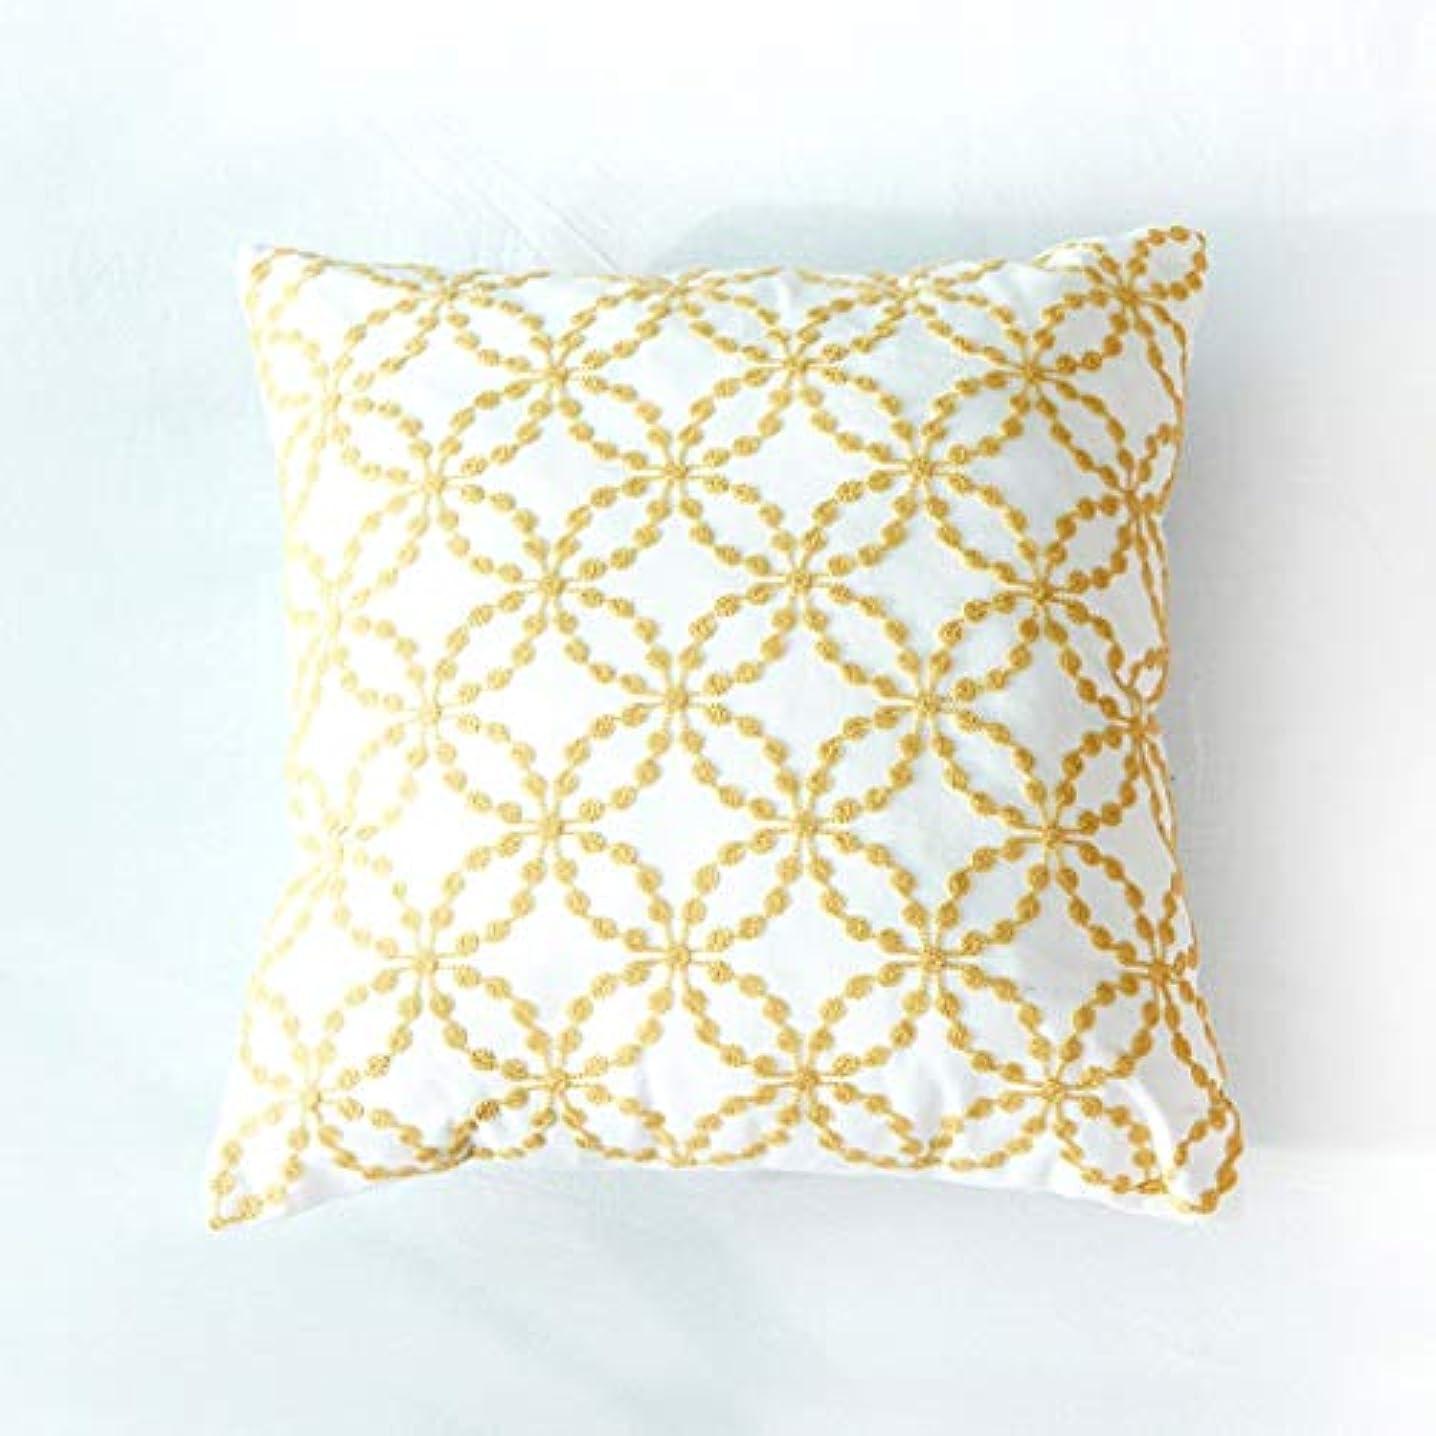 活気づく経験的敬意を表してDYHOZZ スクエアクッション、綿キャンバス刺繍枕45cm×45cm まくら (色 : C)